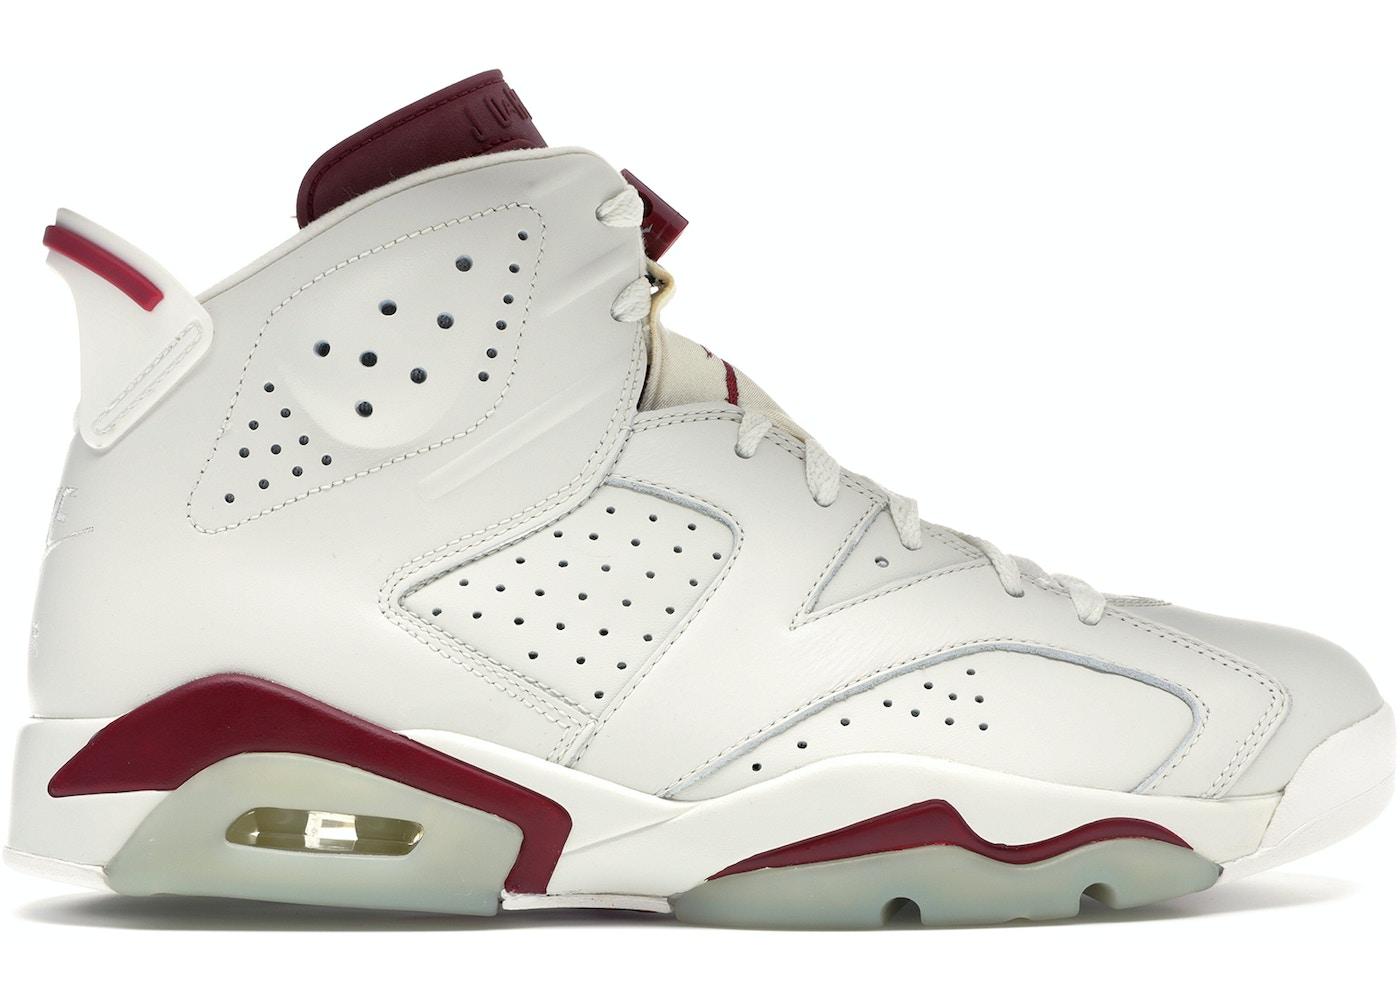 huge discount 549dd 89881 Buy Air Jordan 6 Shoes   Deadstock Sneakers